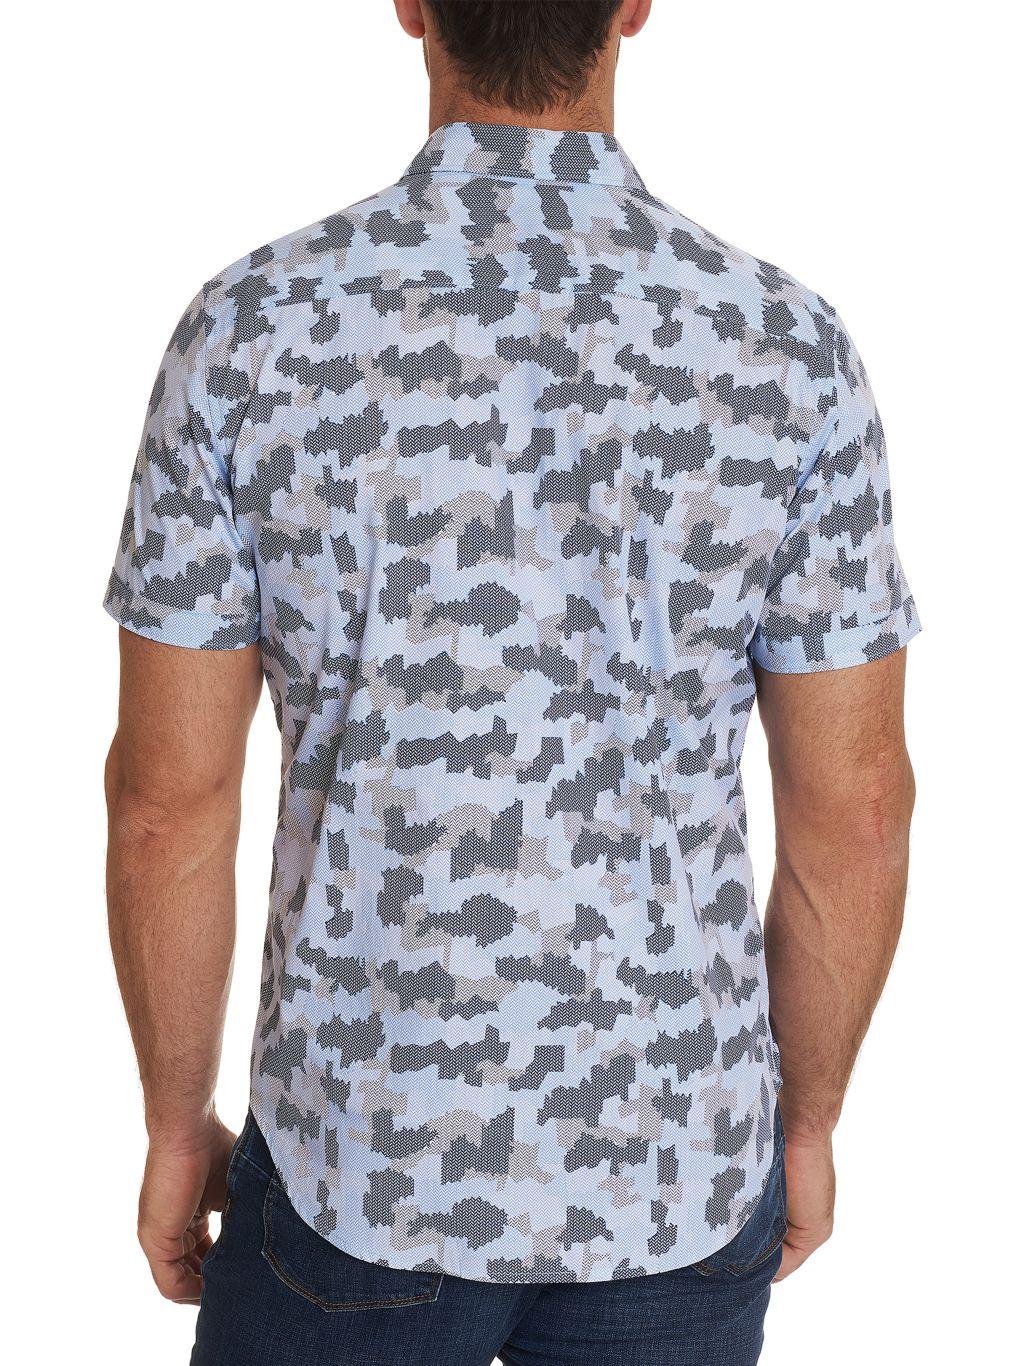 Robert Graham Abstract Short-Sleeve Shirt